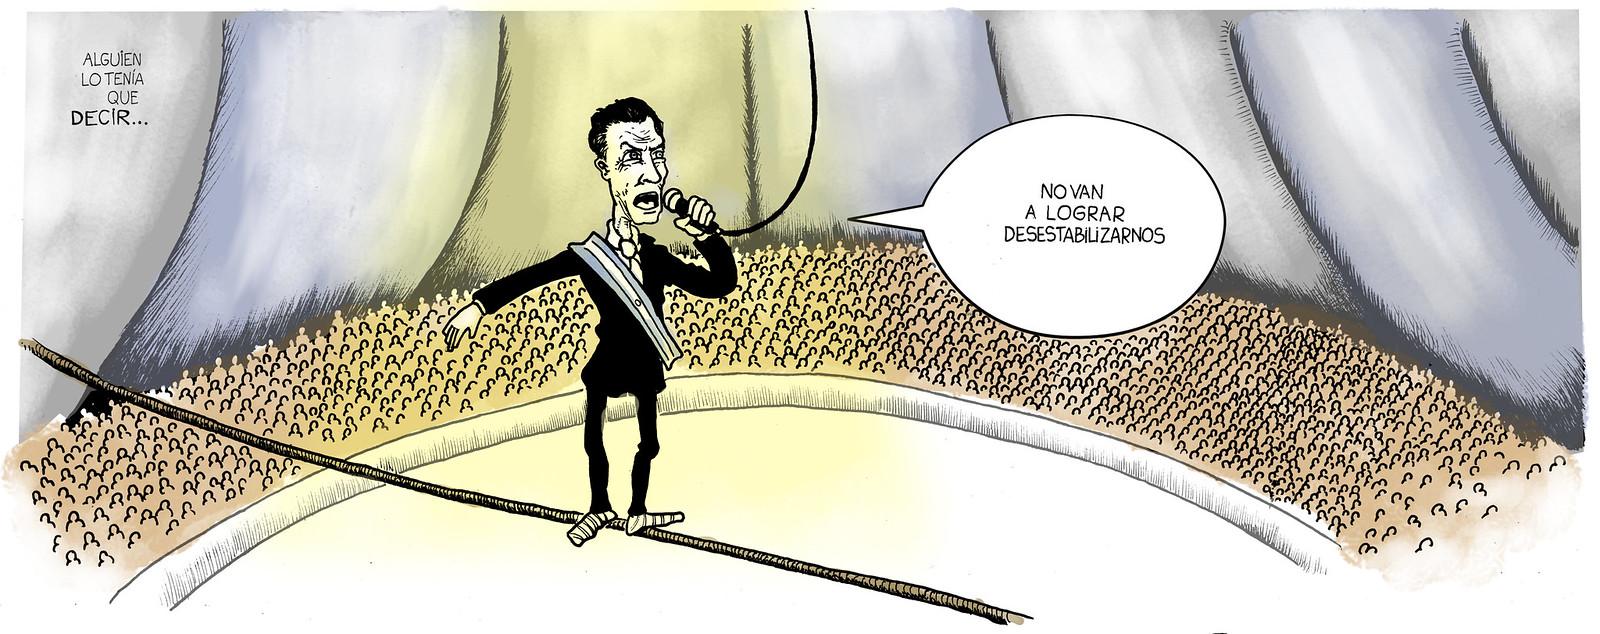 Mauricio Macri, en la cuerda floja, en medio de un circo  y sostenido por un micrófono